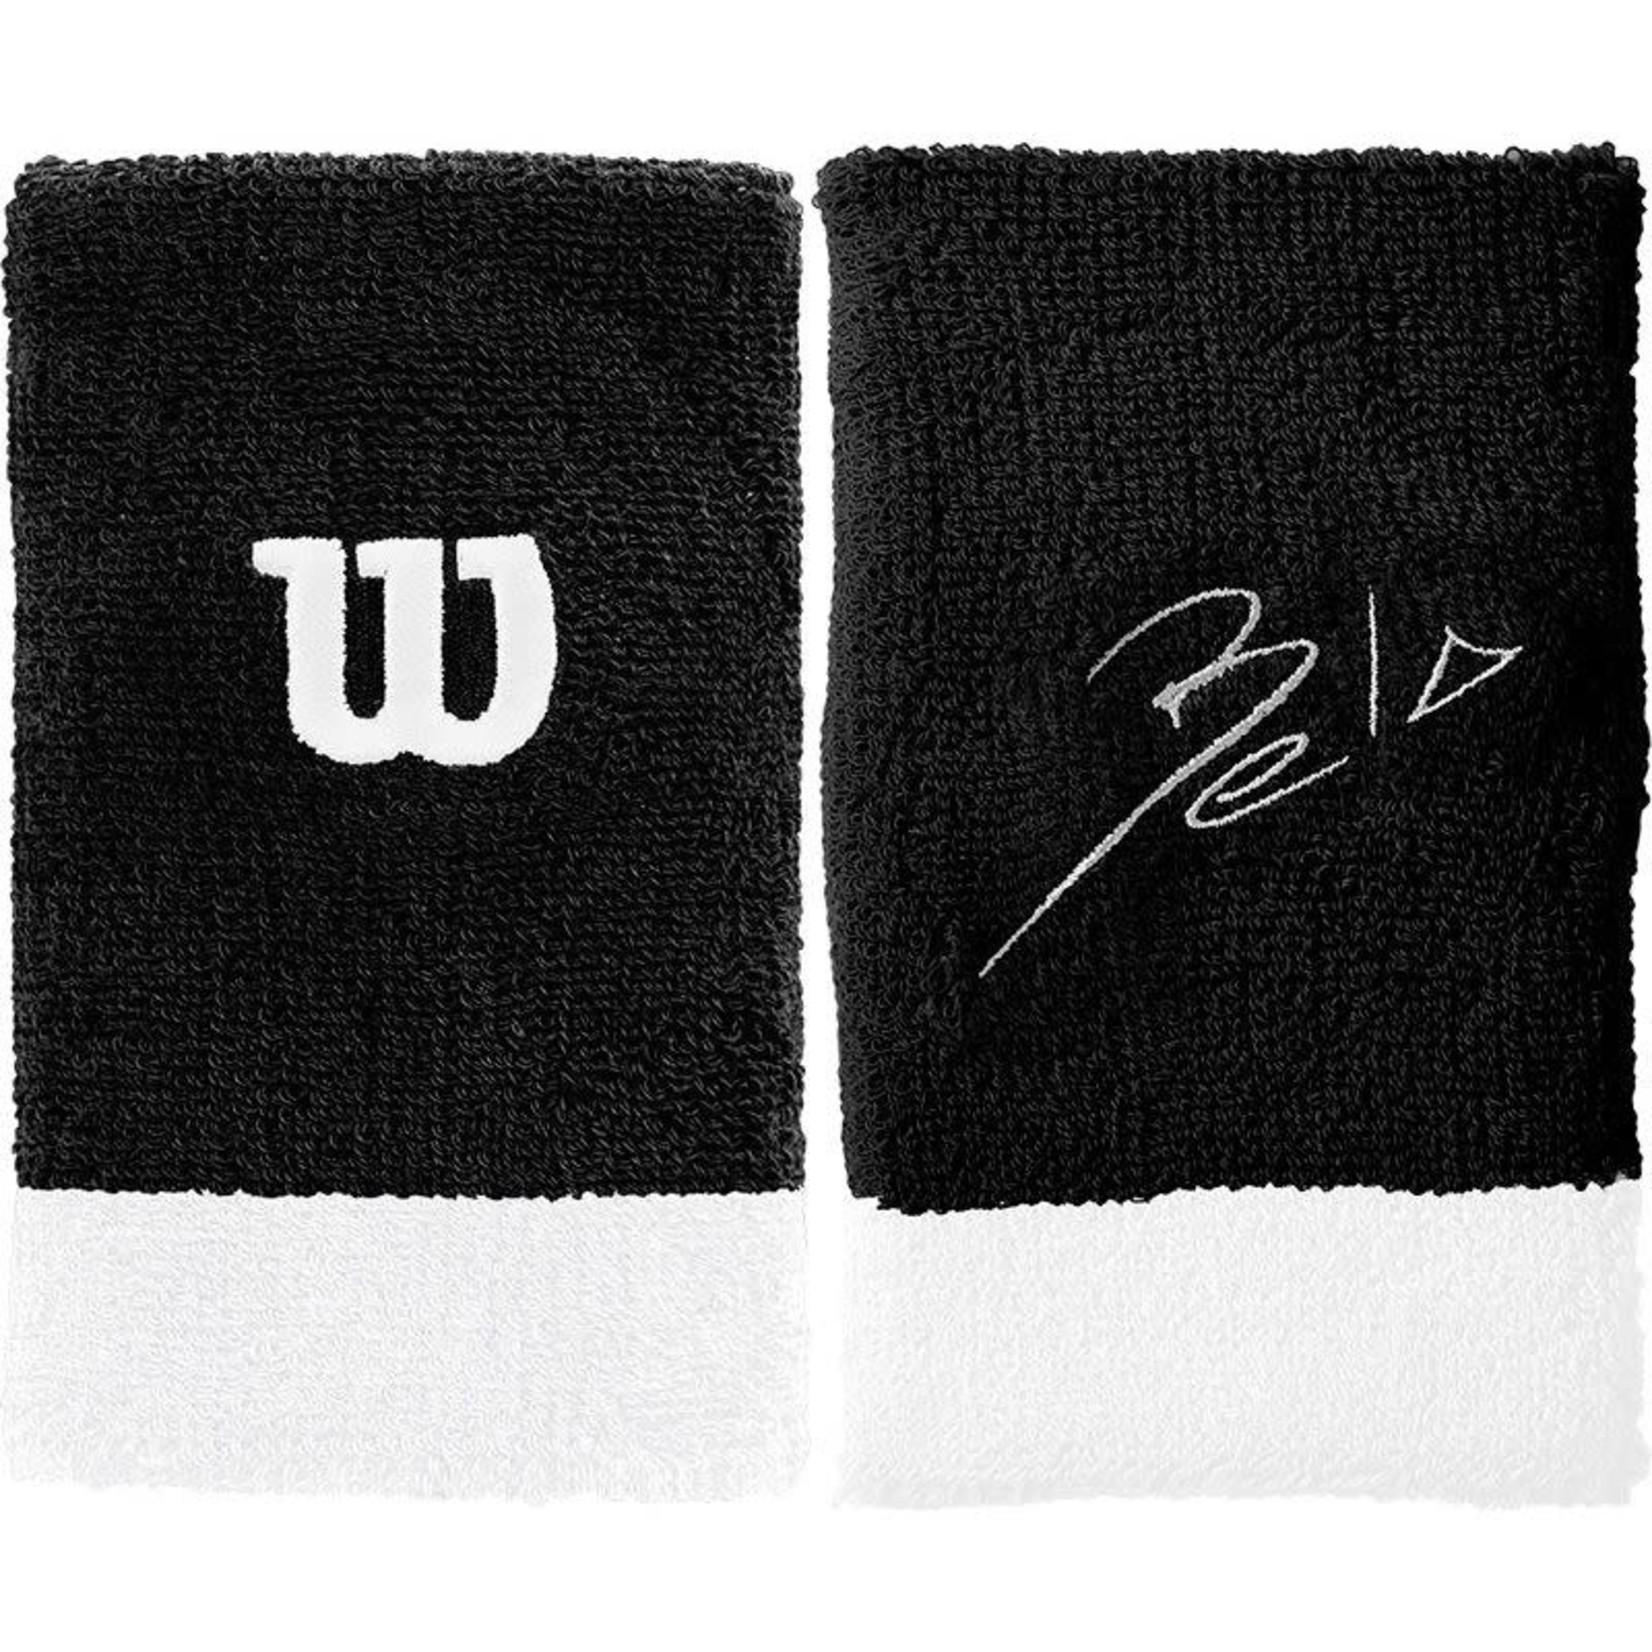 Wilson Bela Extra Brede Polsbanden - Zwart/Wit